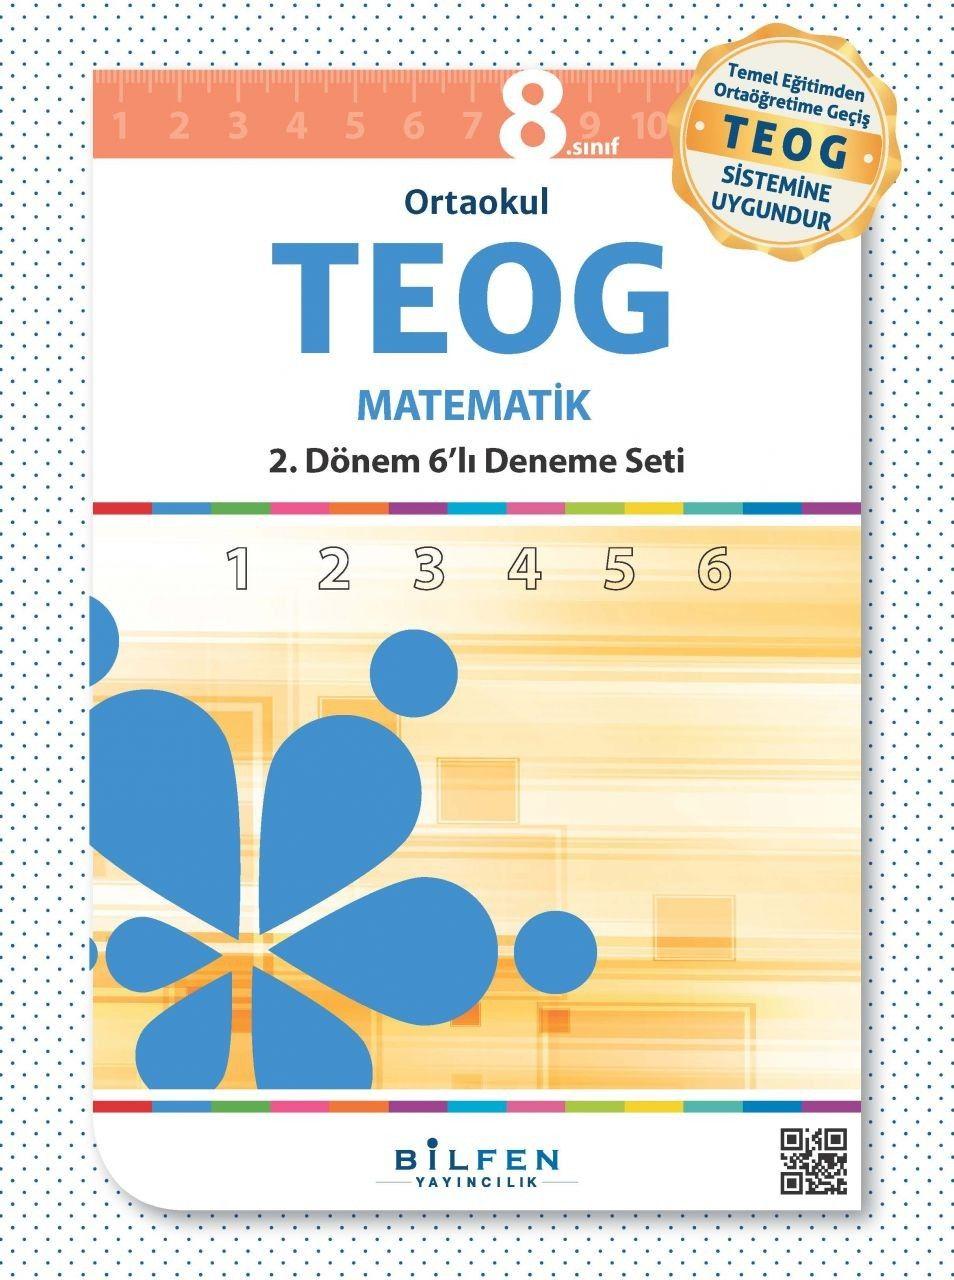 Bilfen Yayınları Ortaokul 8.Sınıf TEOG 2.Dönem Matematik 6 Deneme Seti